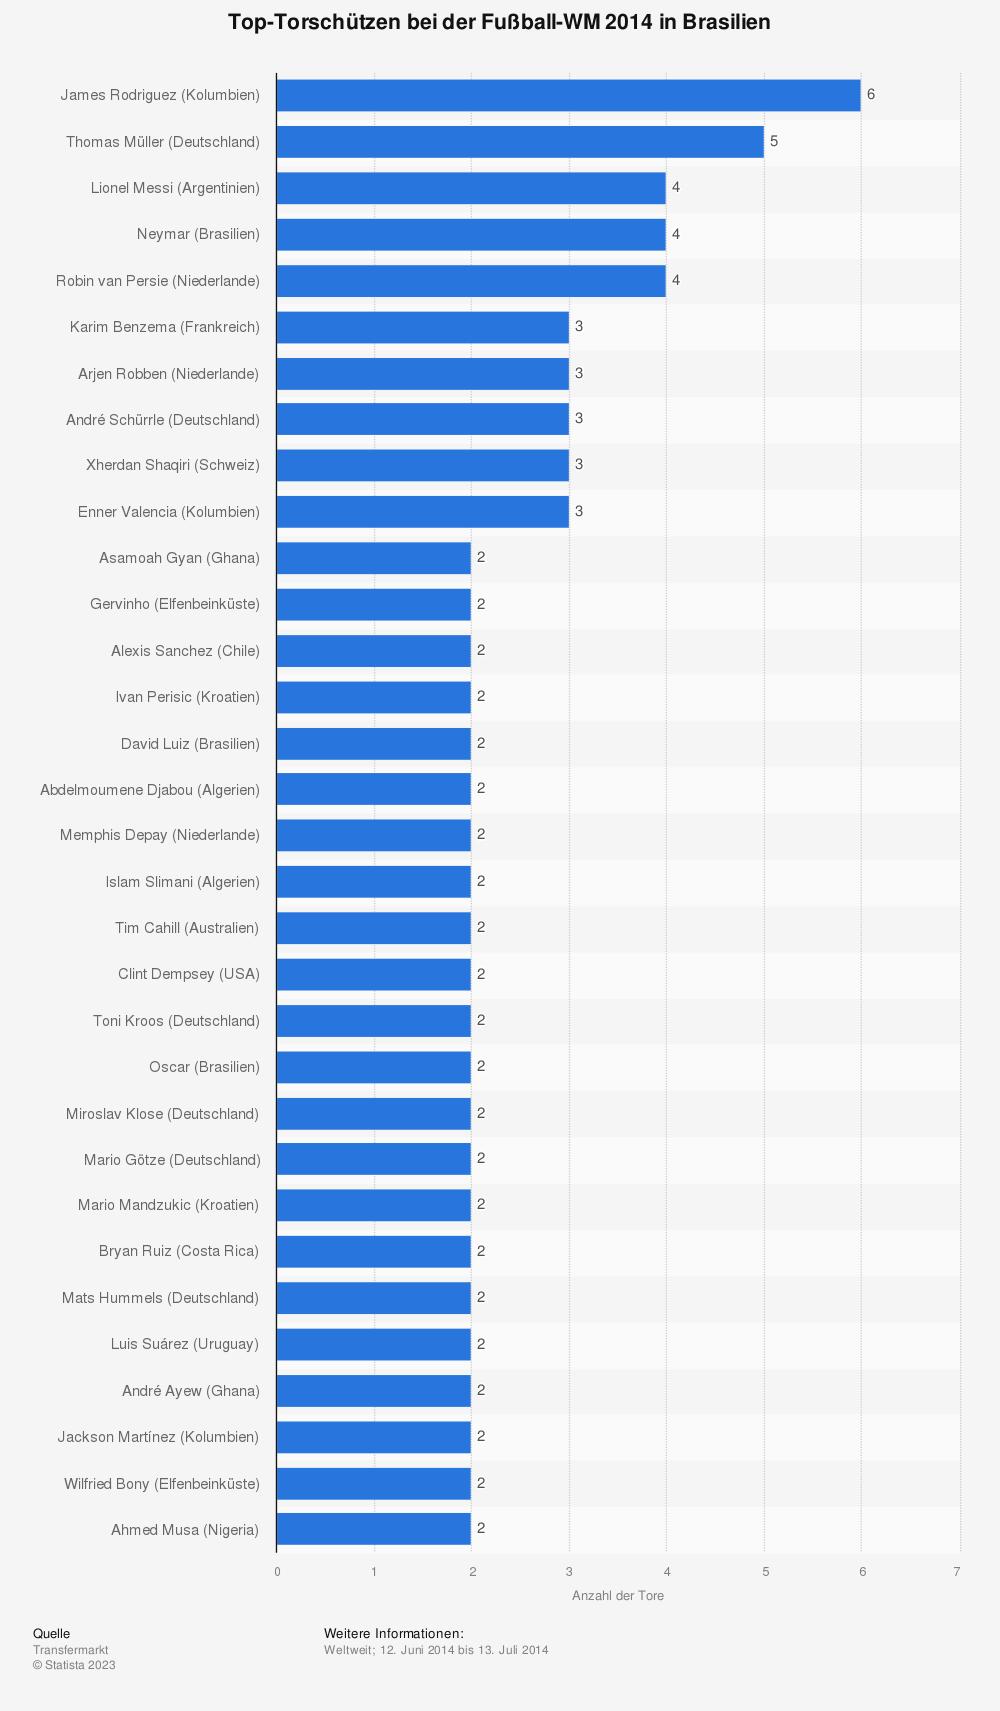 Statistik: Top-Torschützen bei der Fußball-WM 2014 in Brasilien | Statista